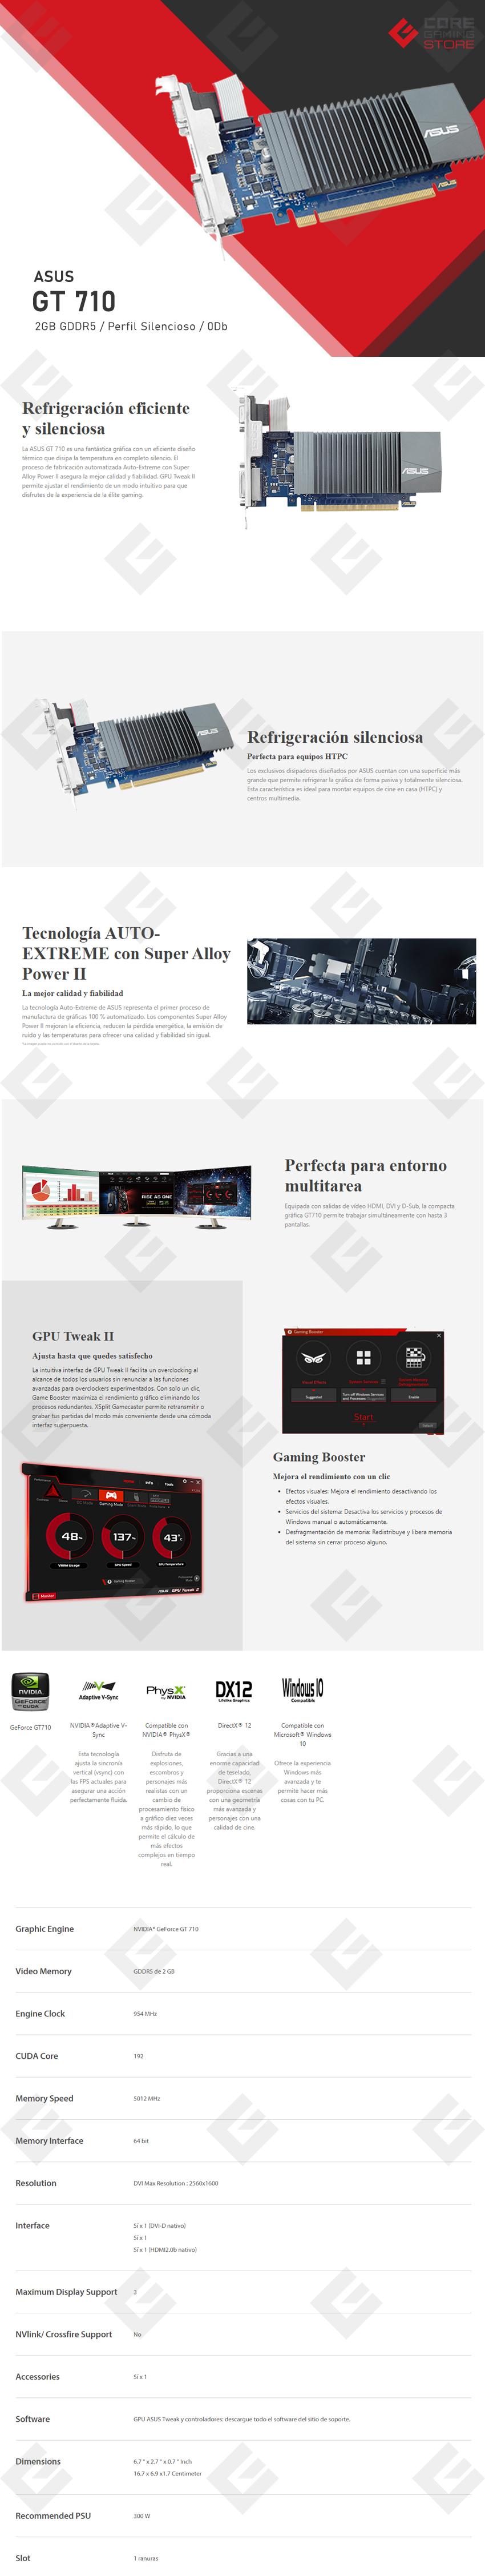 Tarjeta de Video Nvidia Asus GT 710, 2GB GDDR5 - GT710-SL-2GD5-CSM